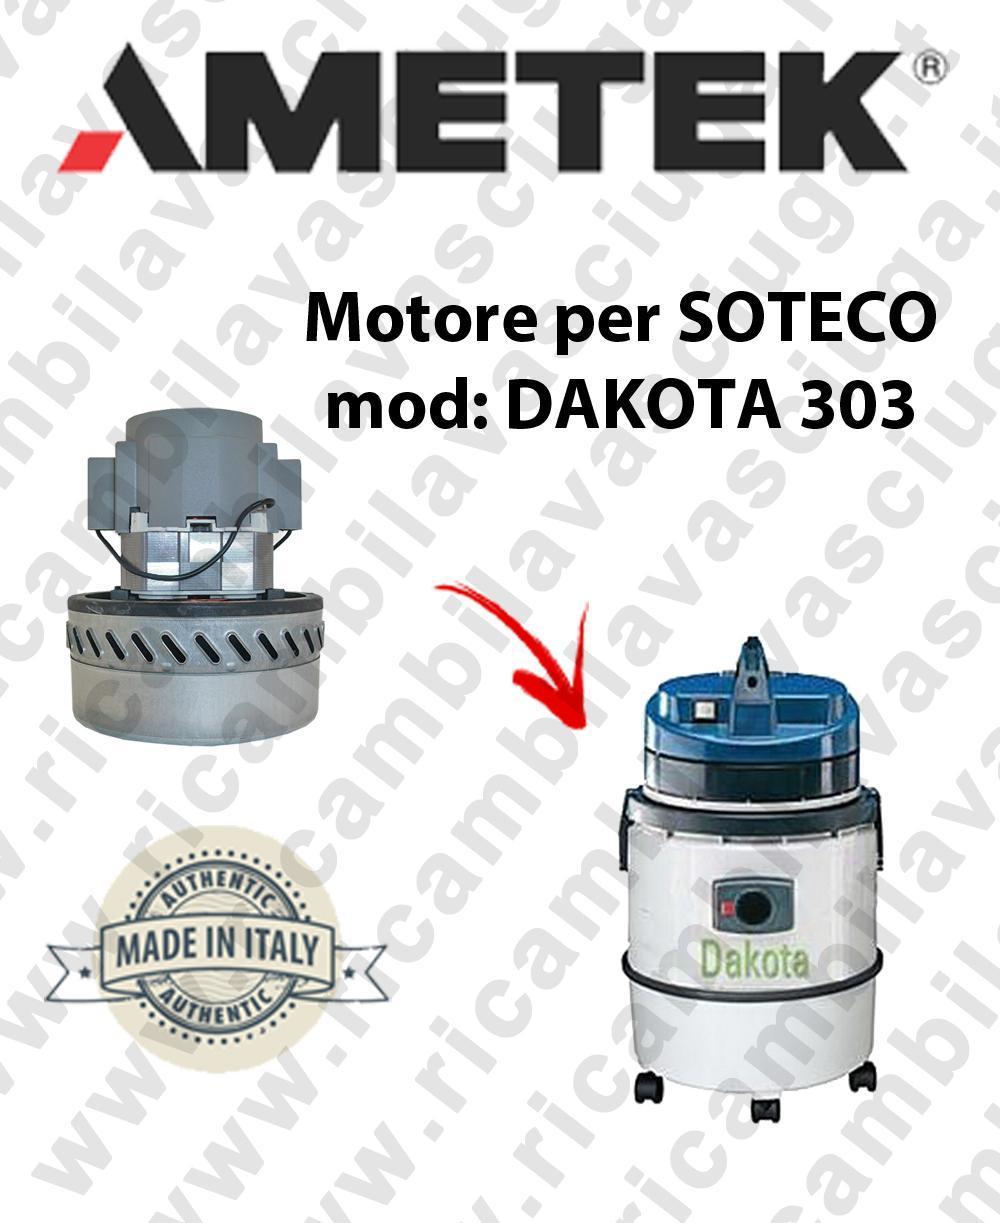 DAKOTA 303 Motore de aspiración AMETEK para aspiradora SOTECO